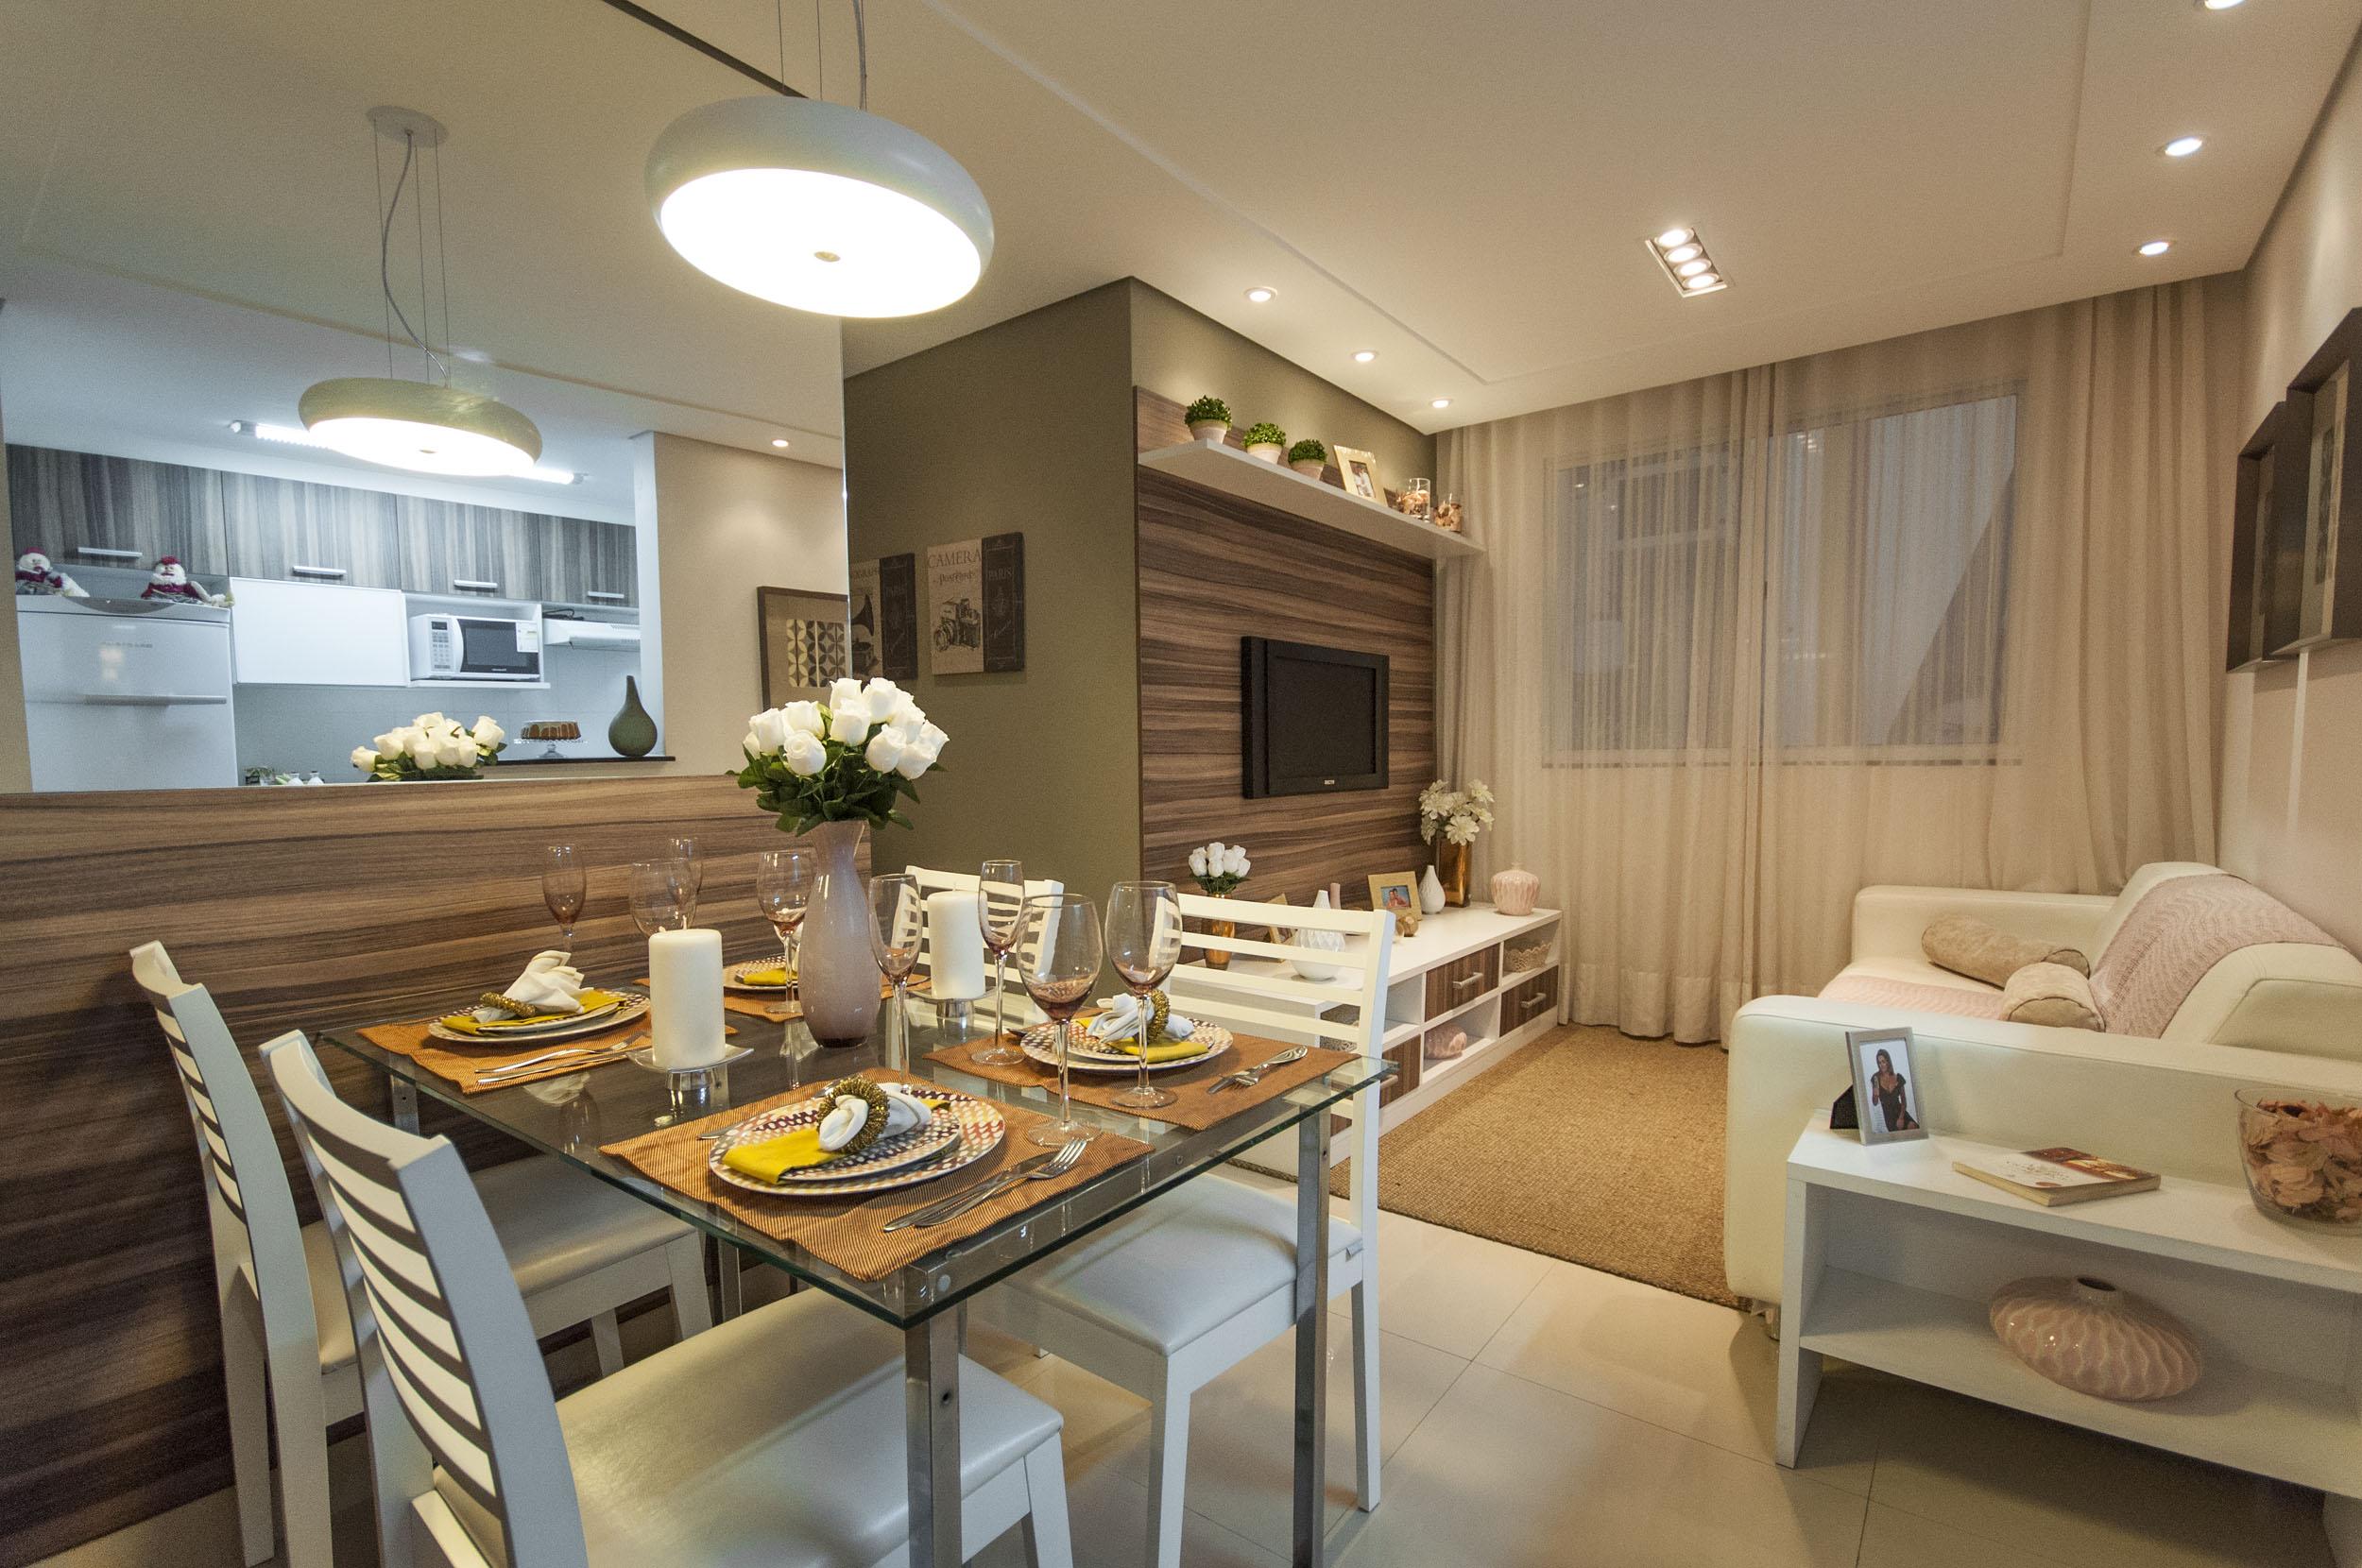 #936C38 Integrando Sala de Jantar e Cozinha Blog Corporativo MRV Engenharia  2500x1660 píxeis em Decoração De Sala De Estar Junto Com Sala De Jantar